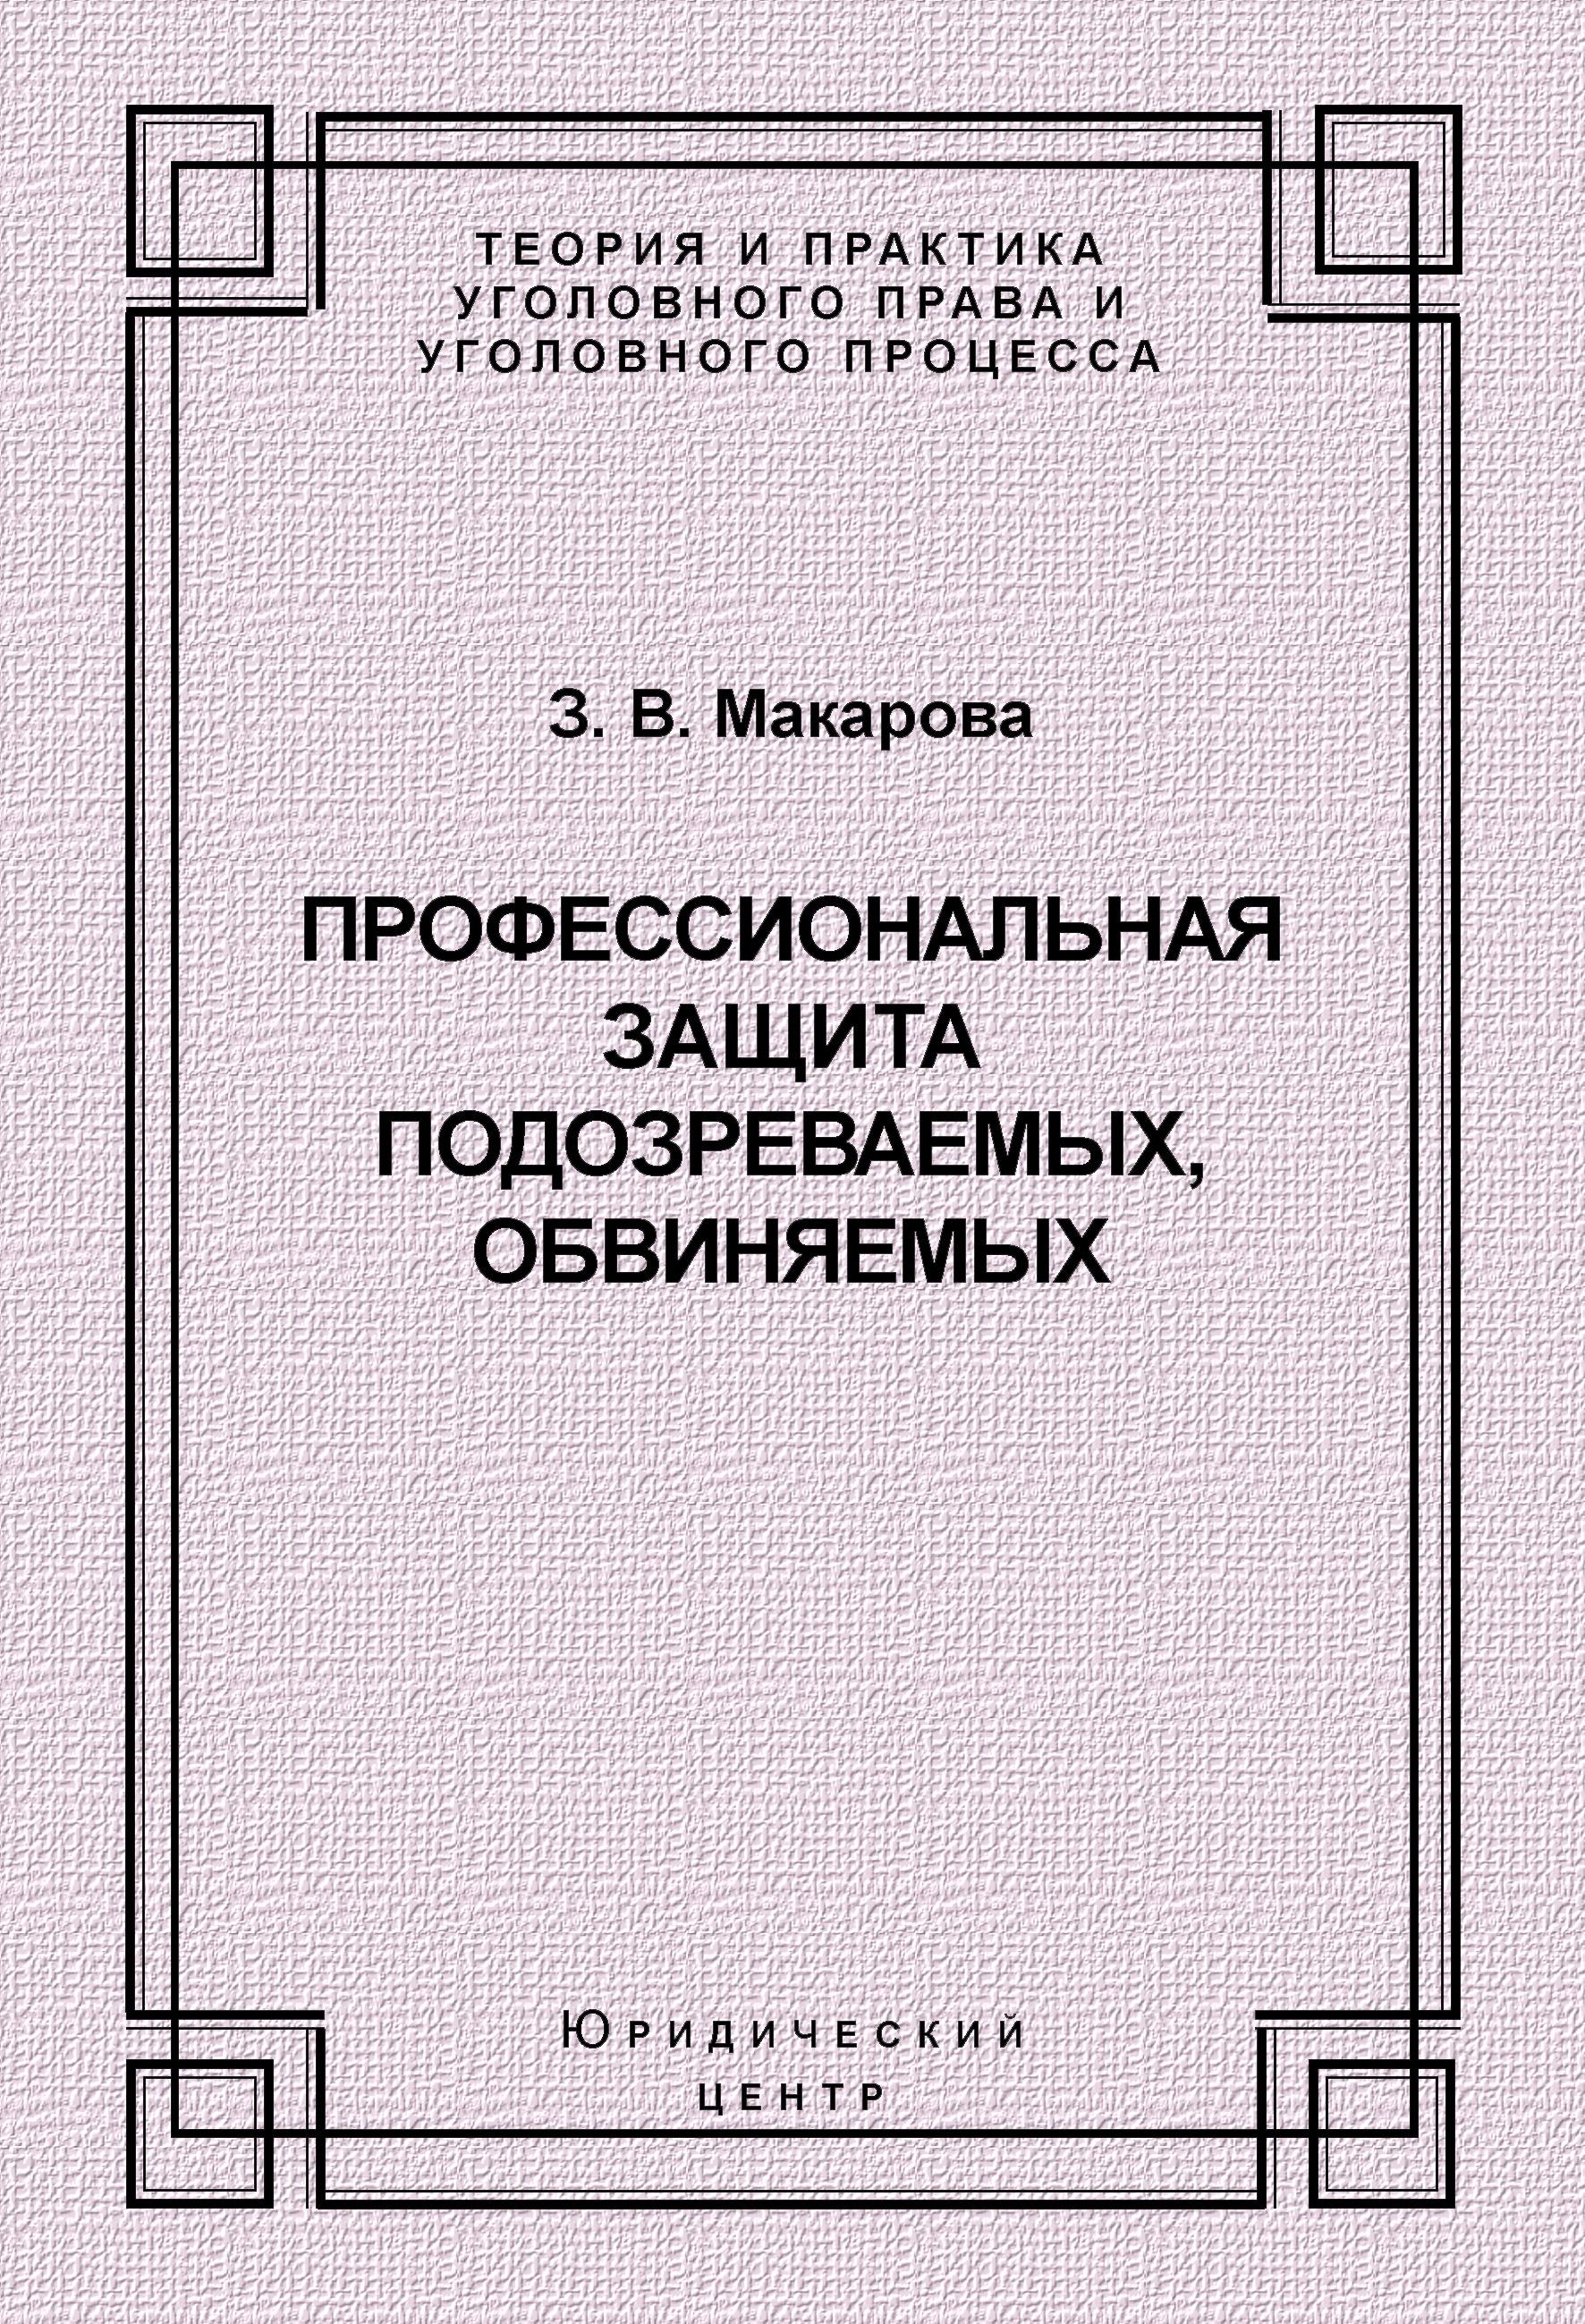 З. В. Макарова Профессиональная защита подозреваемых, обвиняемых макарова зинаида валентиновна профессиональная защита подозреваемых обвиняемых